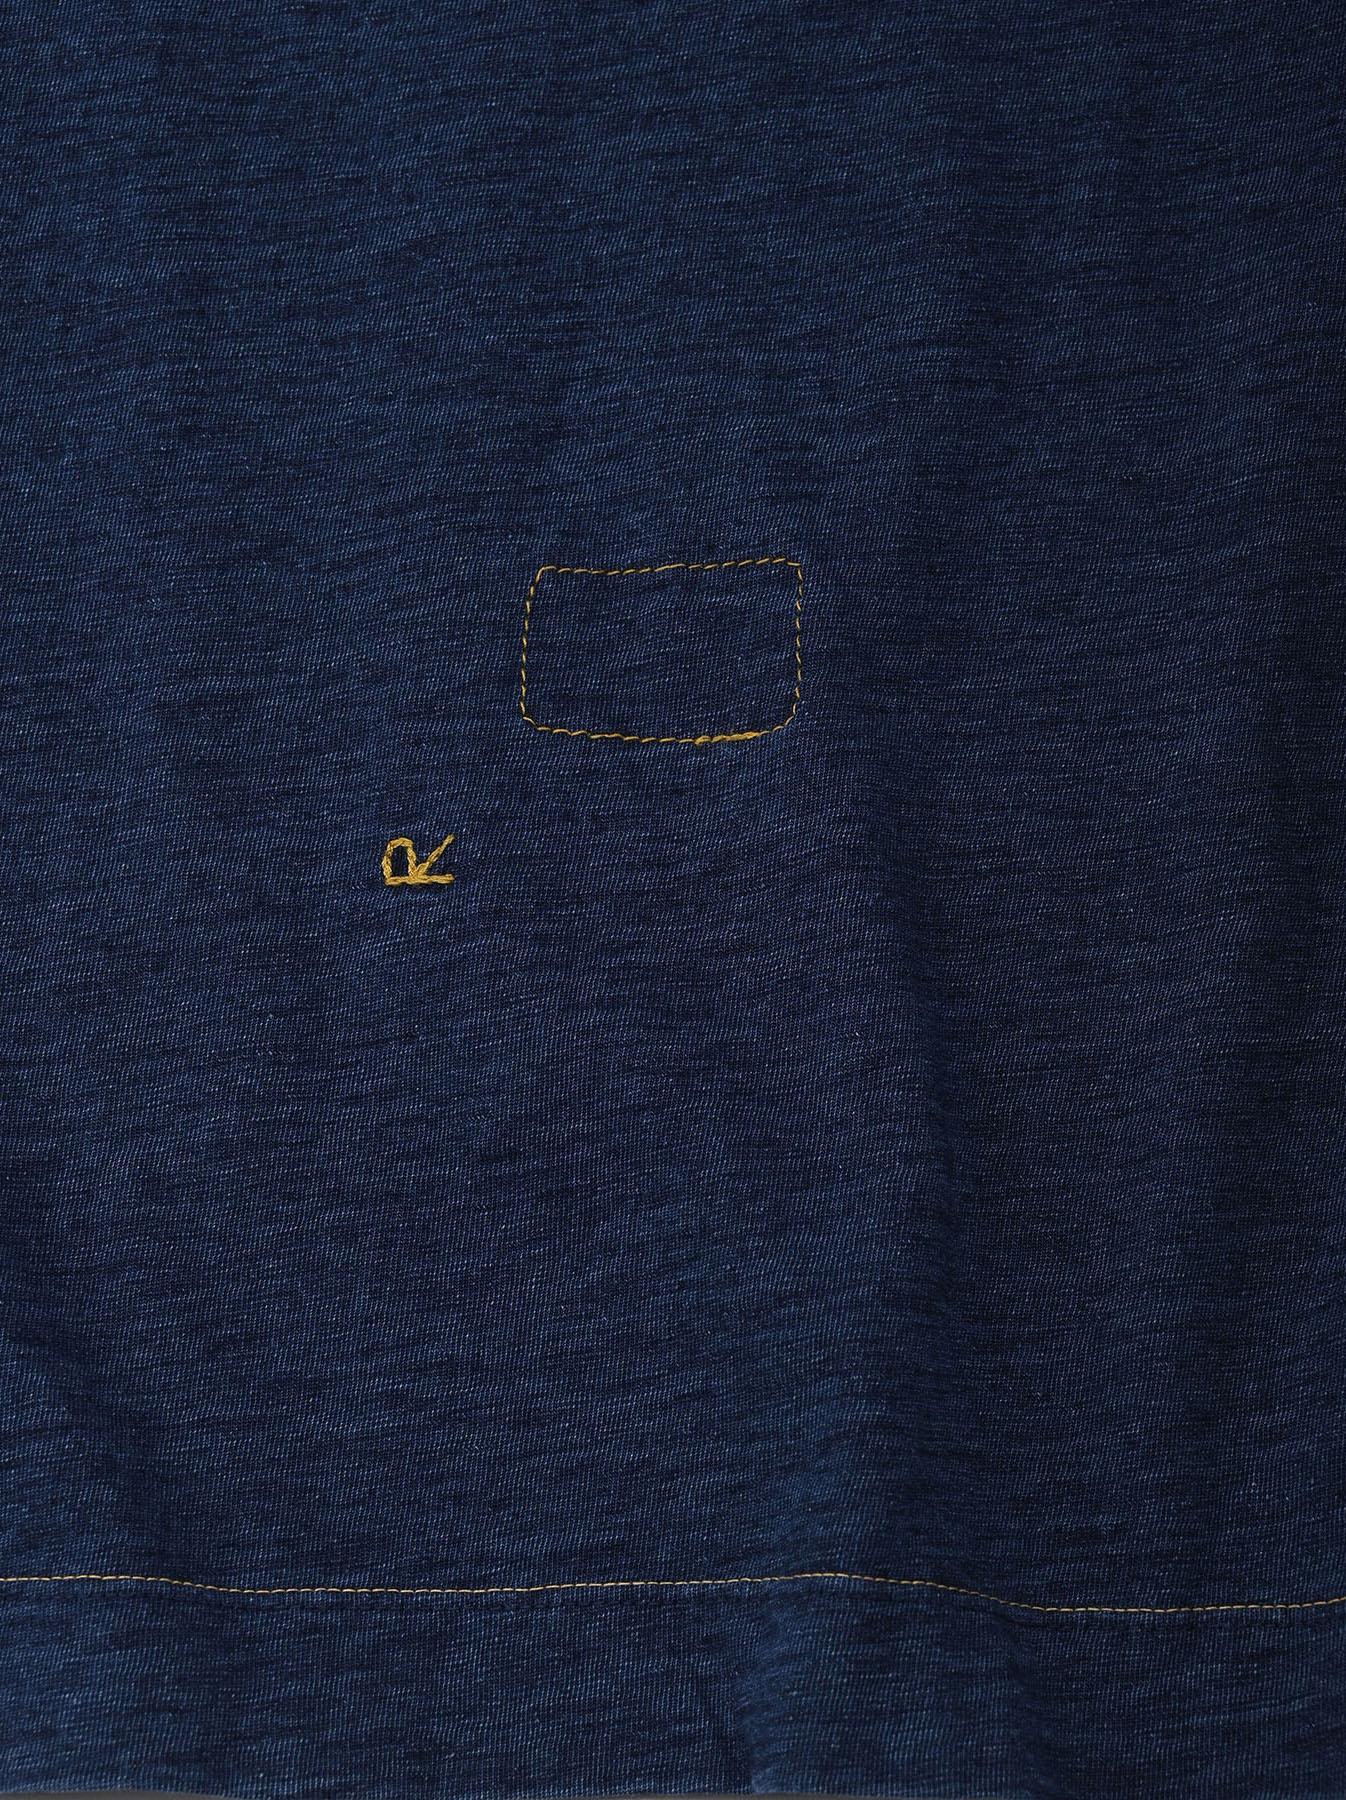 Indigo Zyu Zimbabwe Cotton Big Slit T-shirt (0721)-9